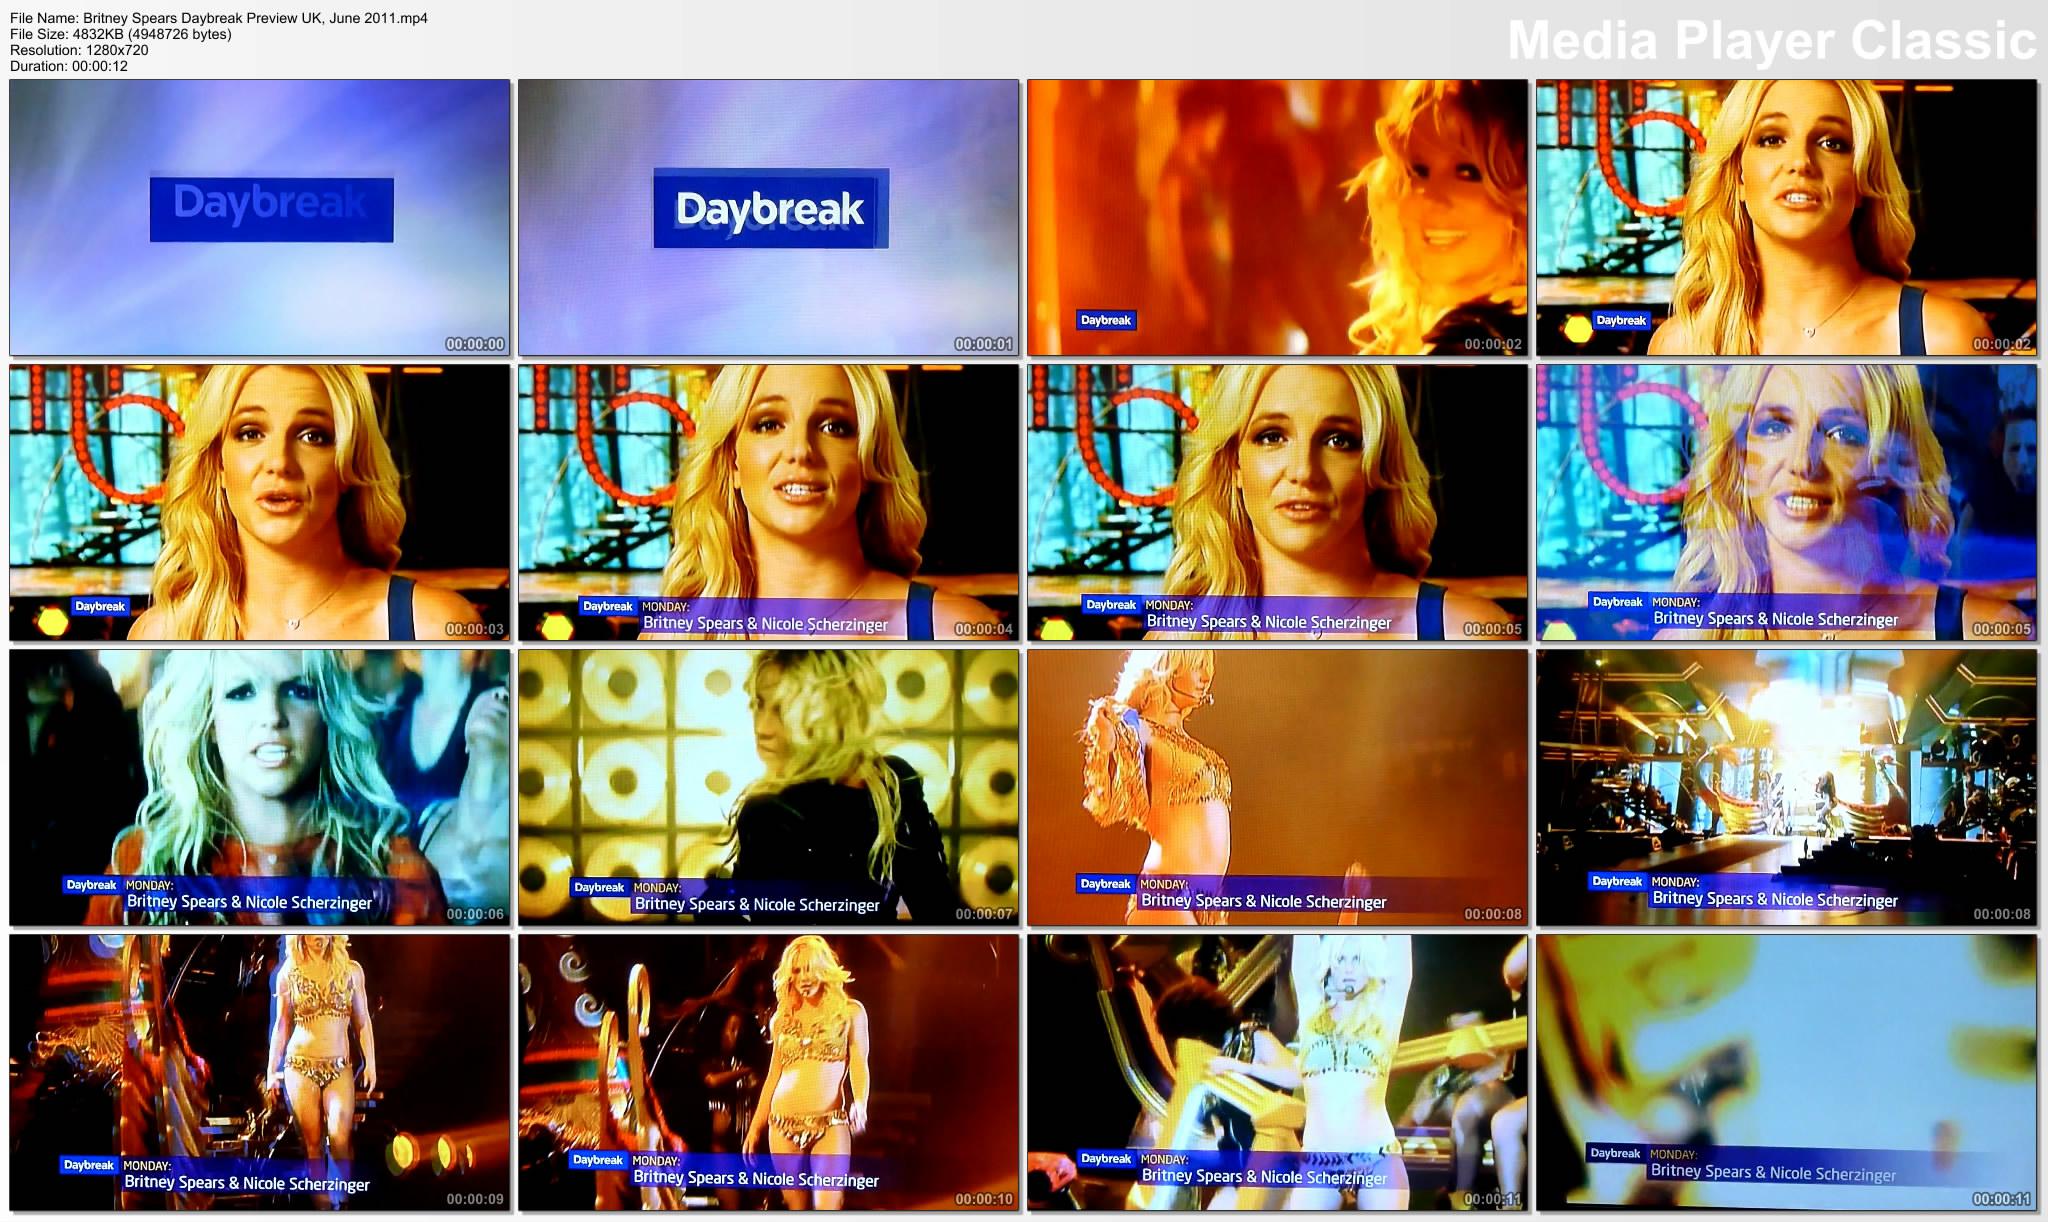 872704503_BritneySpearsDaybreakPreviewUKJune2011.mp4_thumbs_2011.06.12_13.23.50_122_542lo.jpg